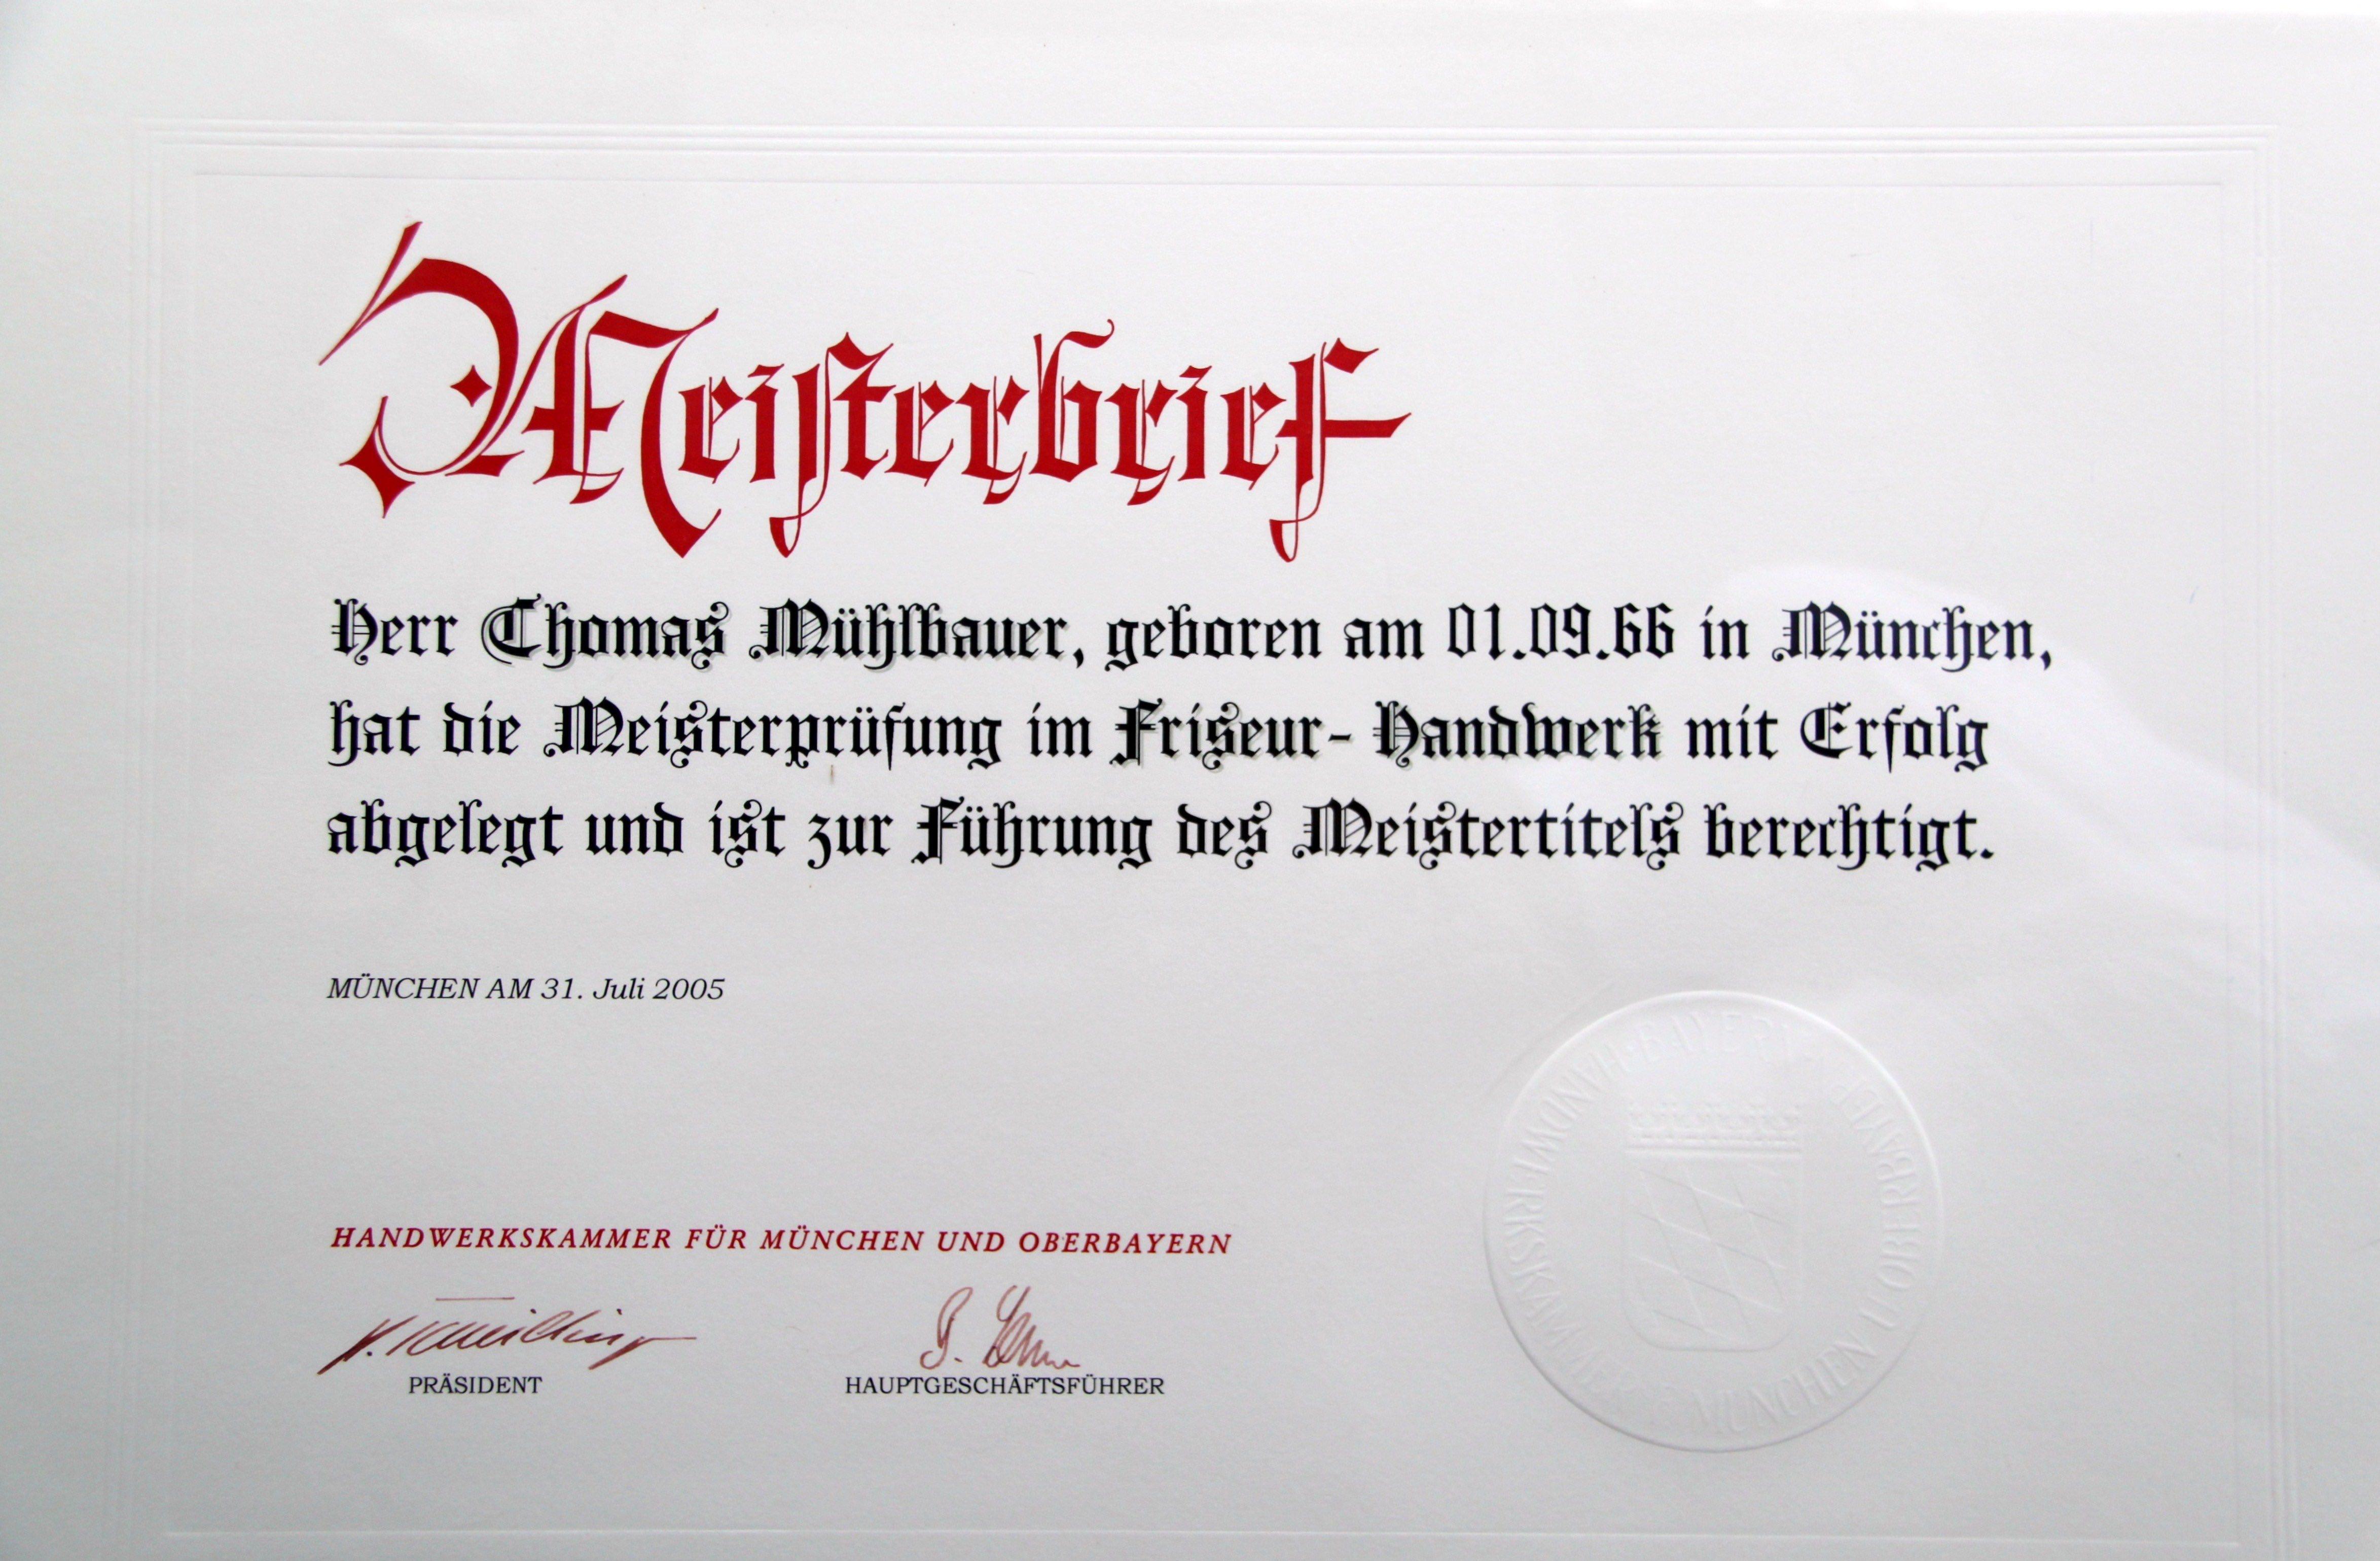 ./Uploads/c6f796ae12b4667f6aa0f3ed6d812456/Ez4ny2/Muhlbauer__Thomas_Meisterbrief.jpg